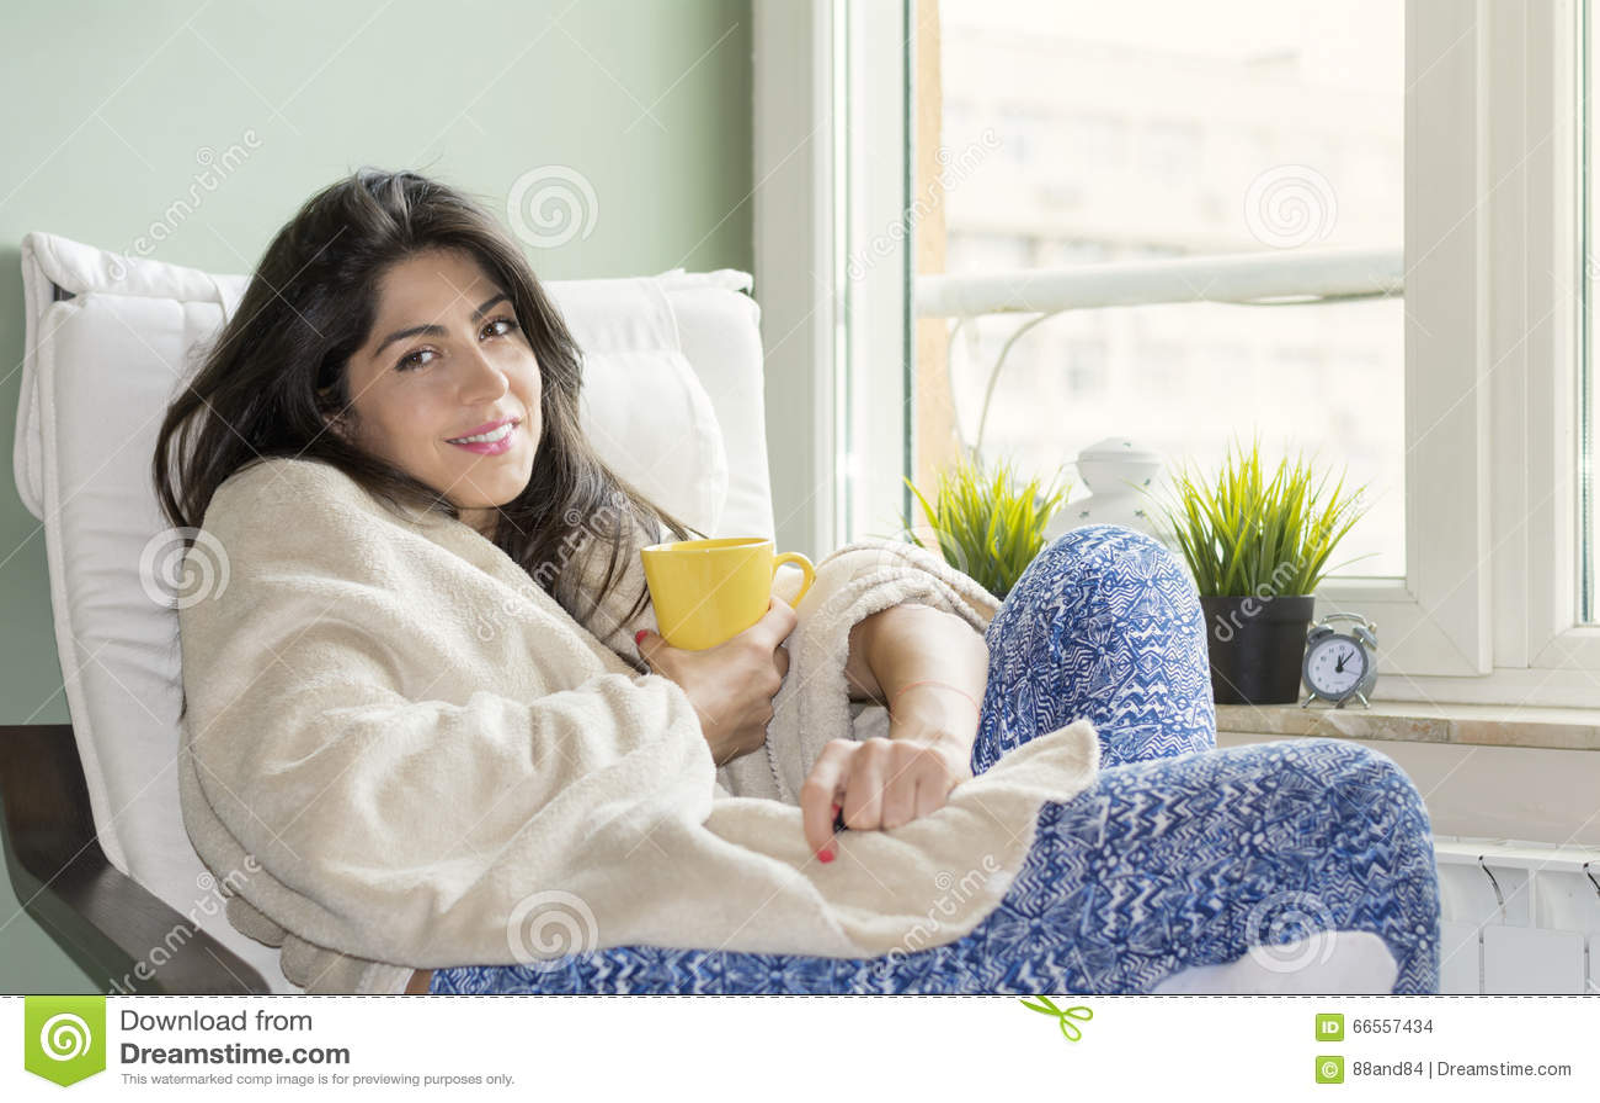 Kobieta siedzi w domu, zawijający w powszechnym, pijący herbaty